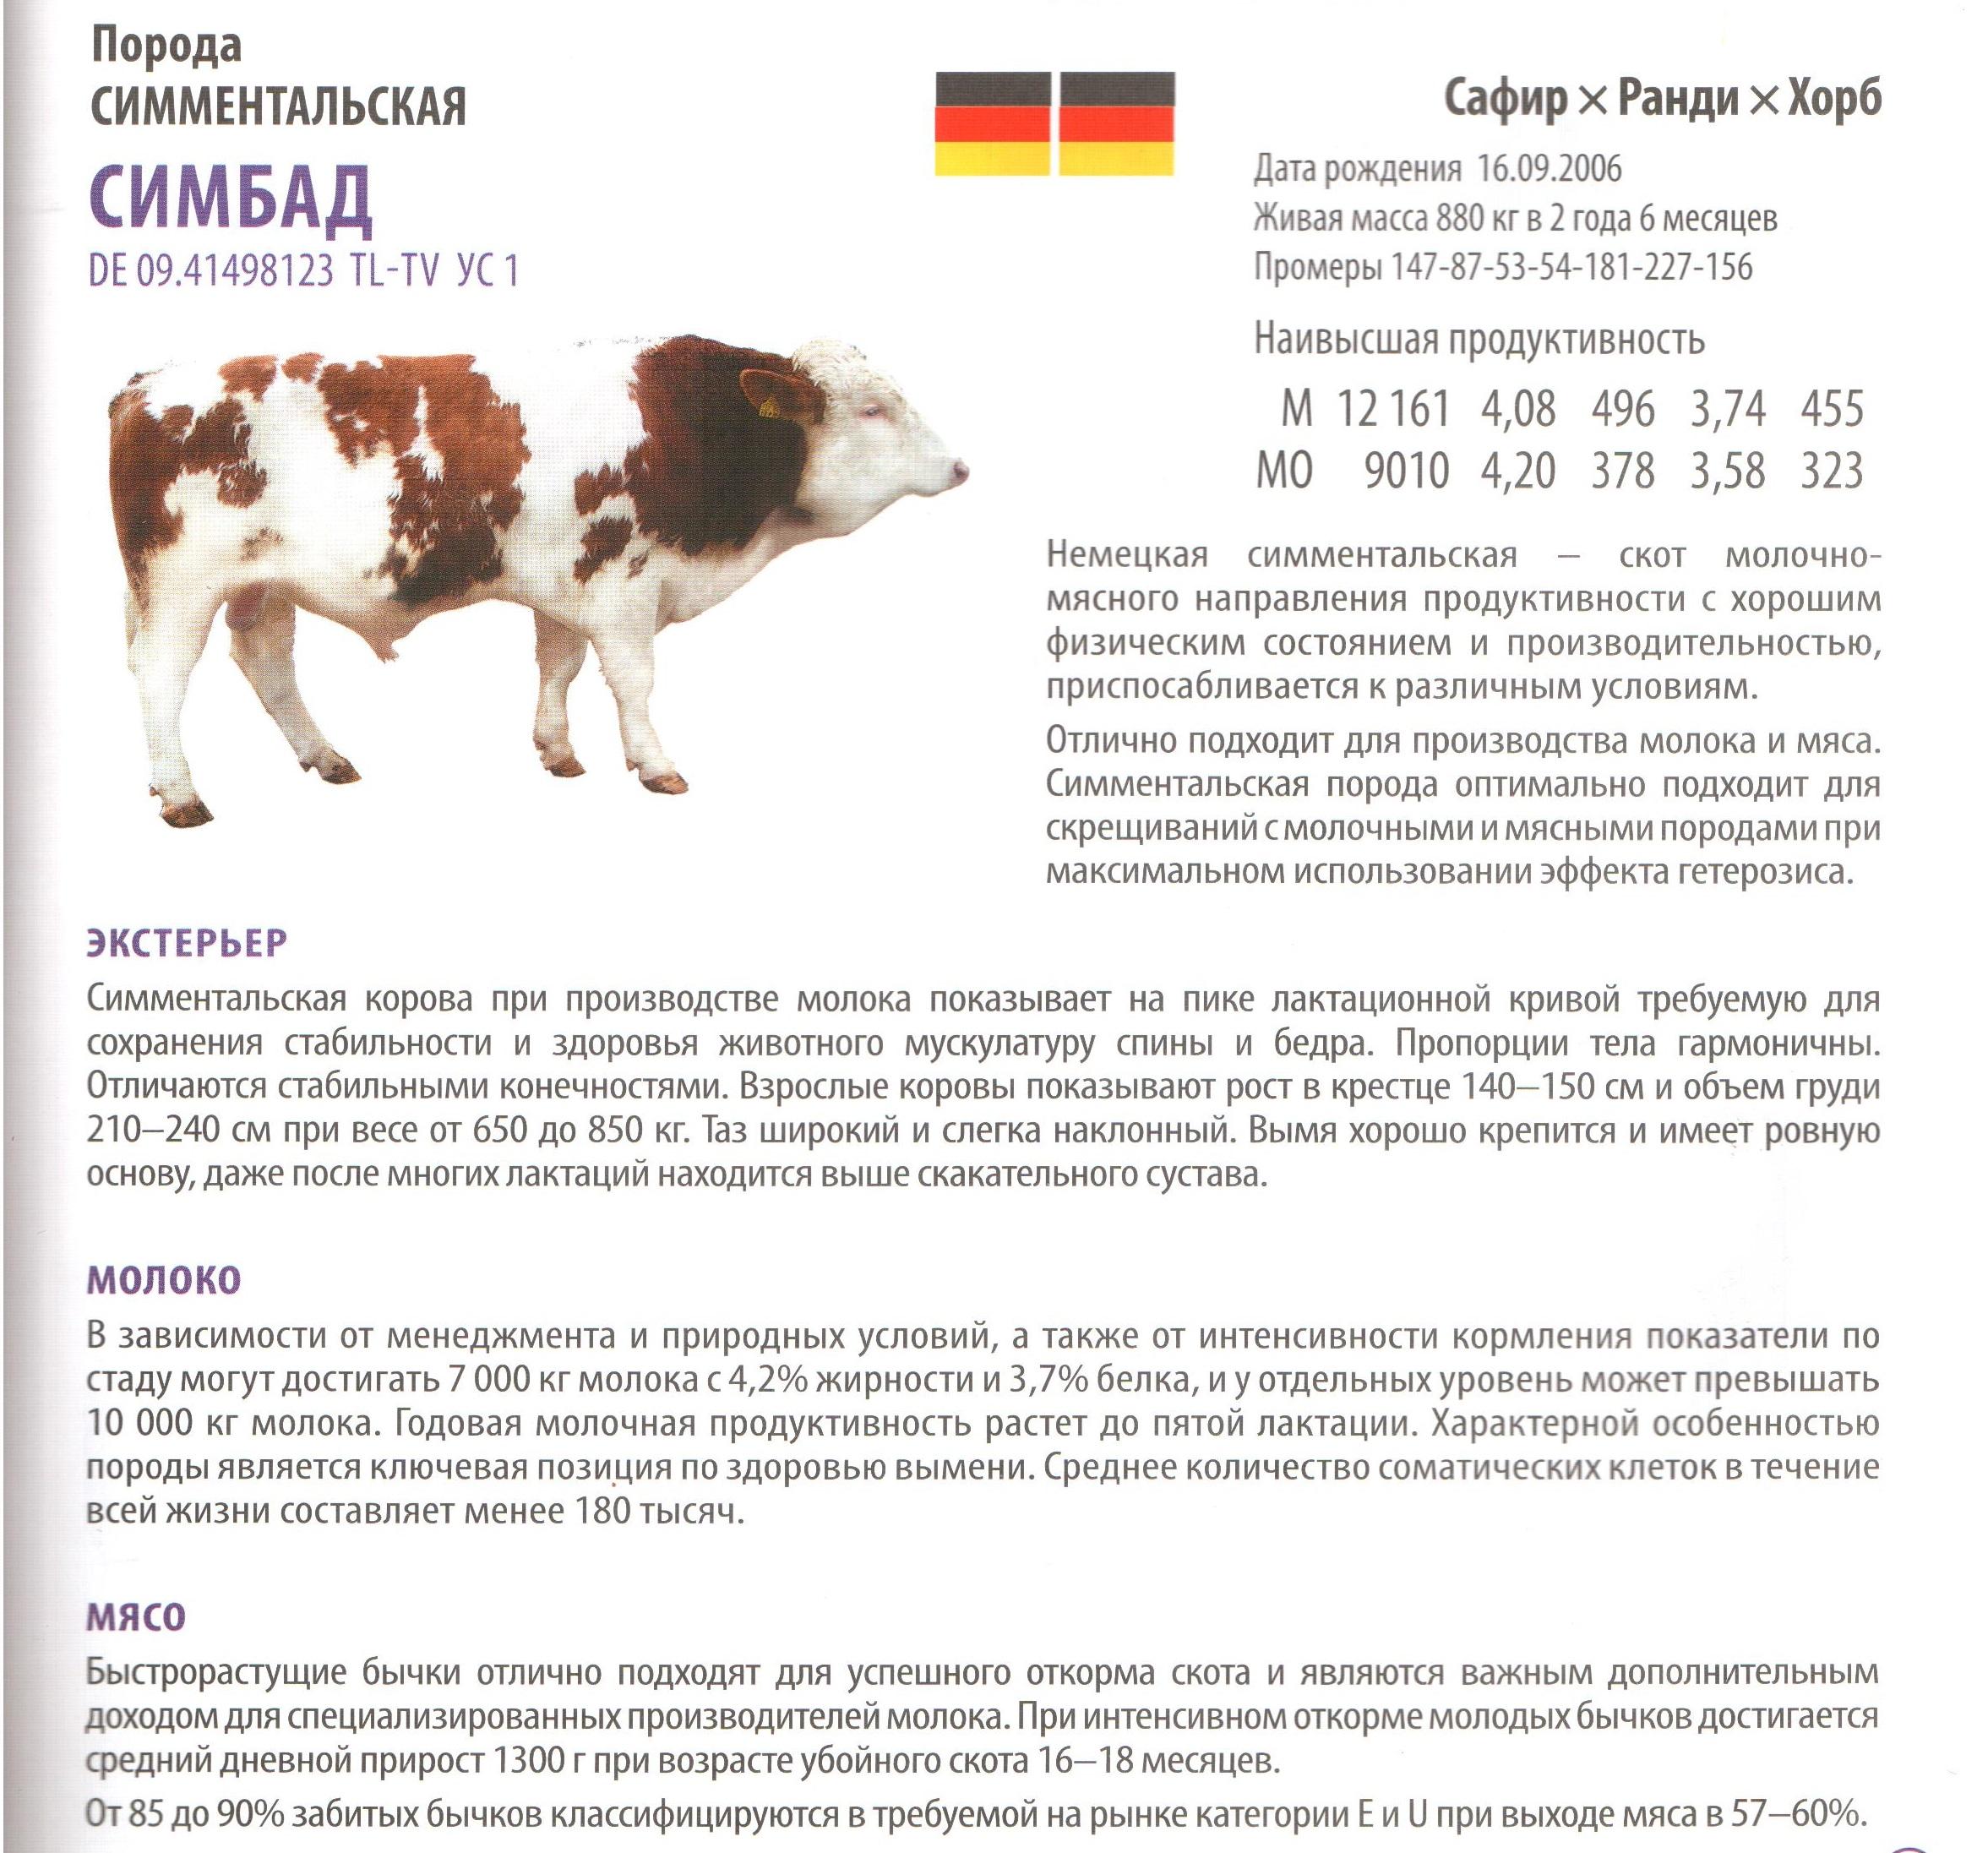 Особенности ухода за симментальской породой коров